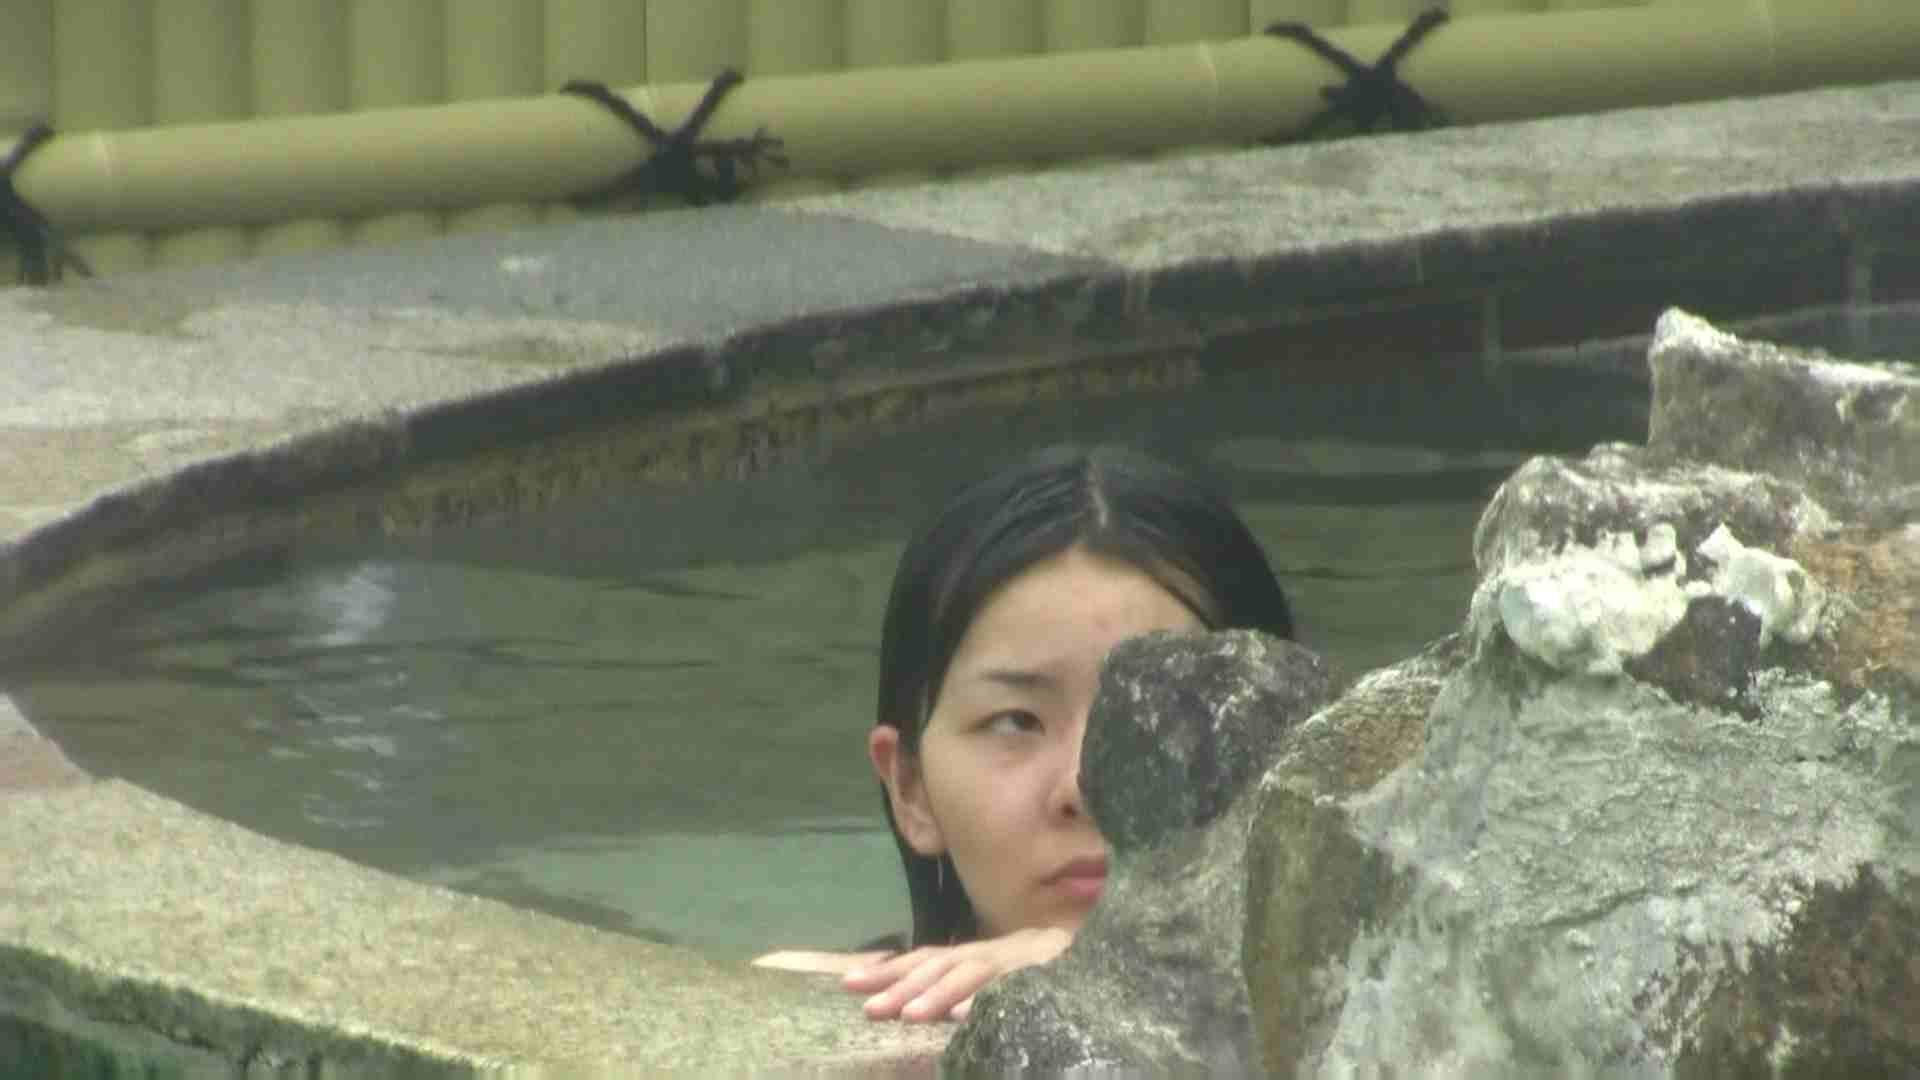 高画質露天女風呂観察 vol.040 高画質 オマンコ動画キャプチャ 94PIX 33